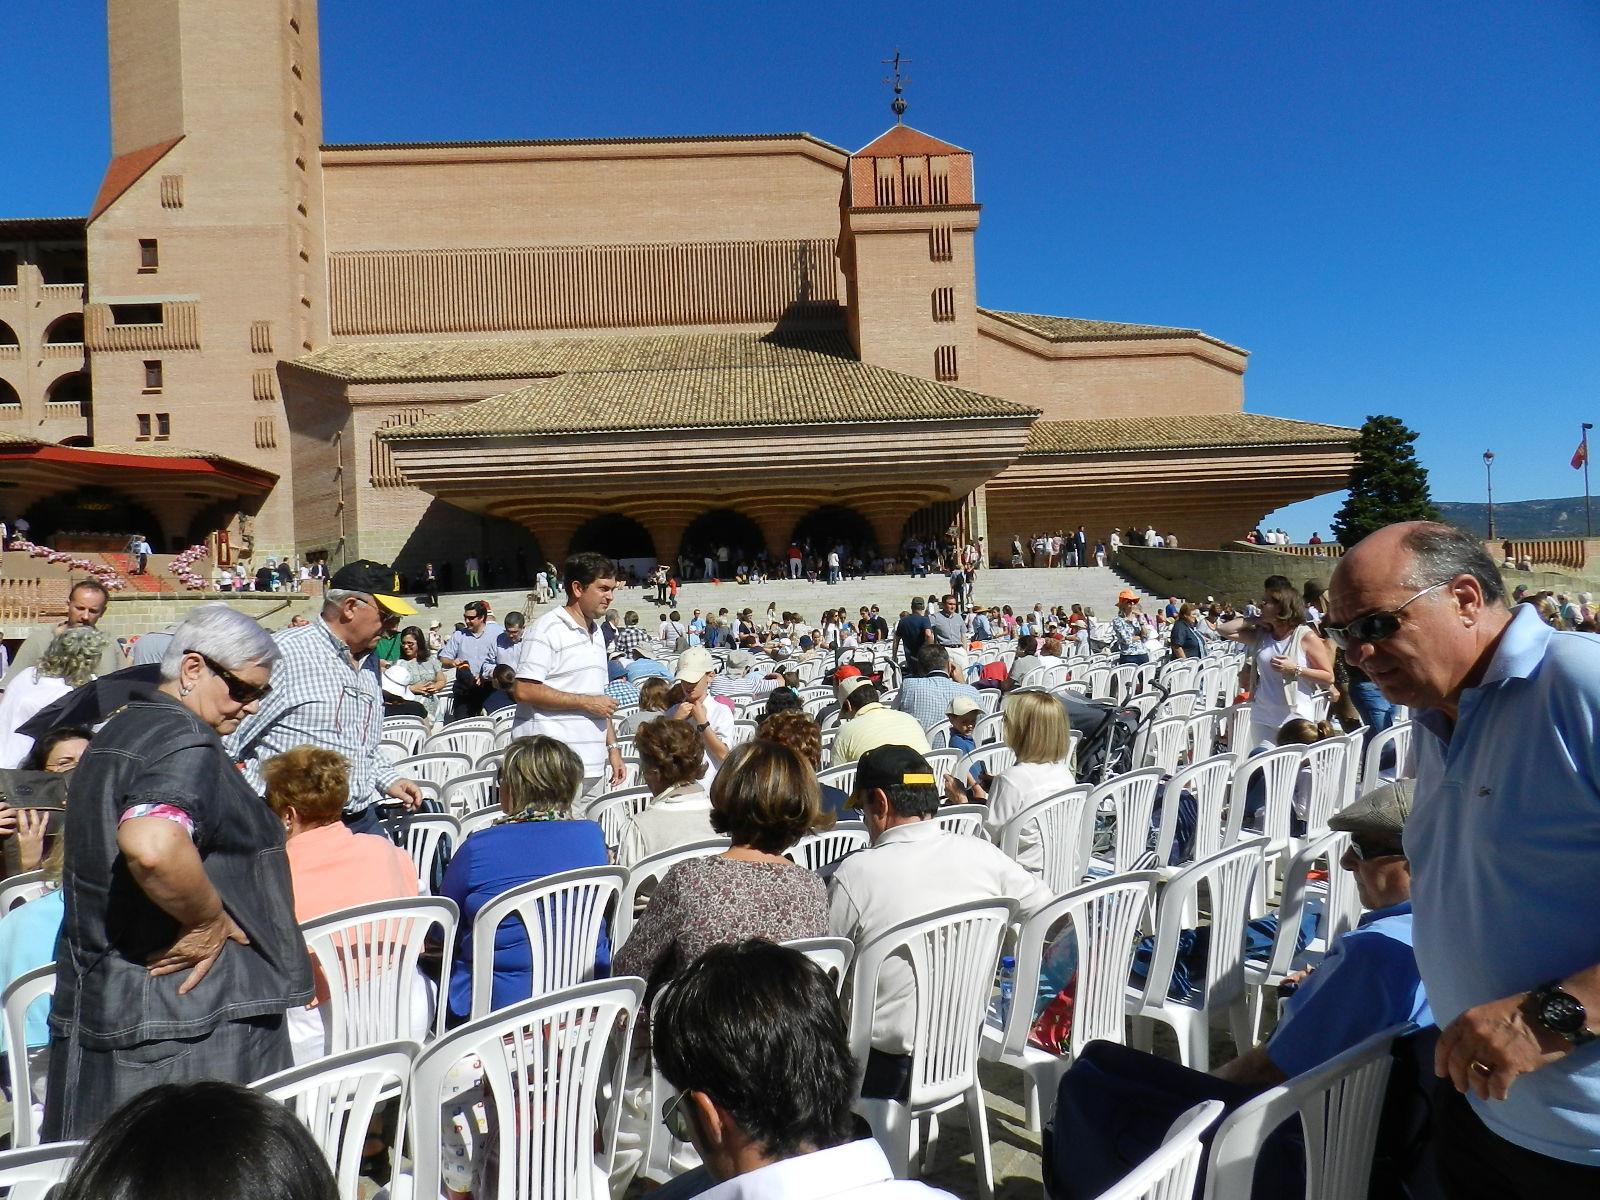 Club alcorce 50 aniversario santuario de torreciudad for Alojamiento familias numerosas